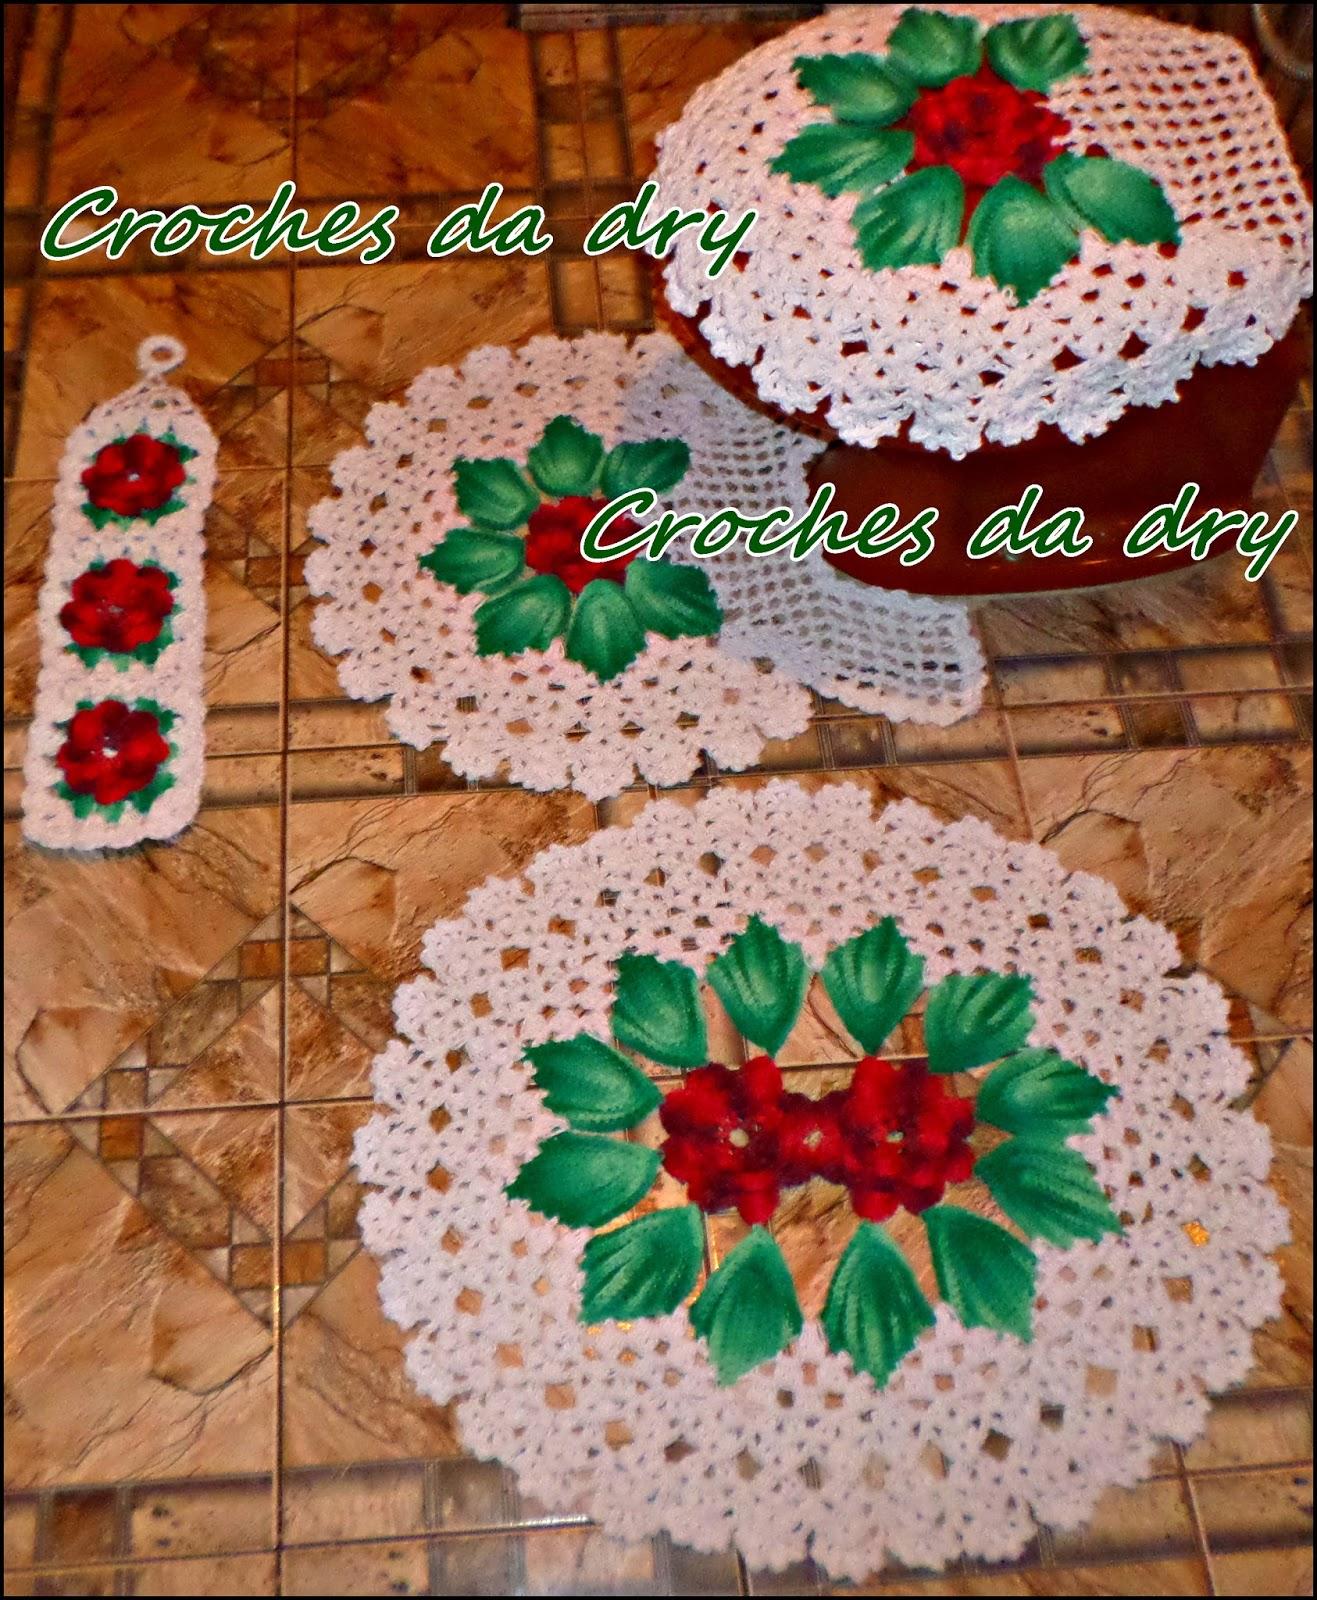 Jogo De Banheiro Verde E Branco : Croches da dry jogo de banheiro harmonia bordo verde branco